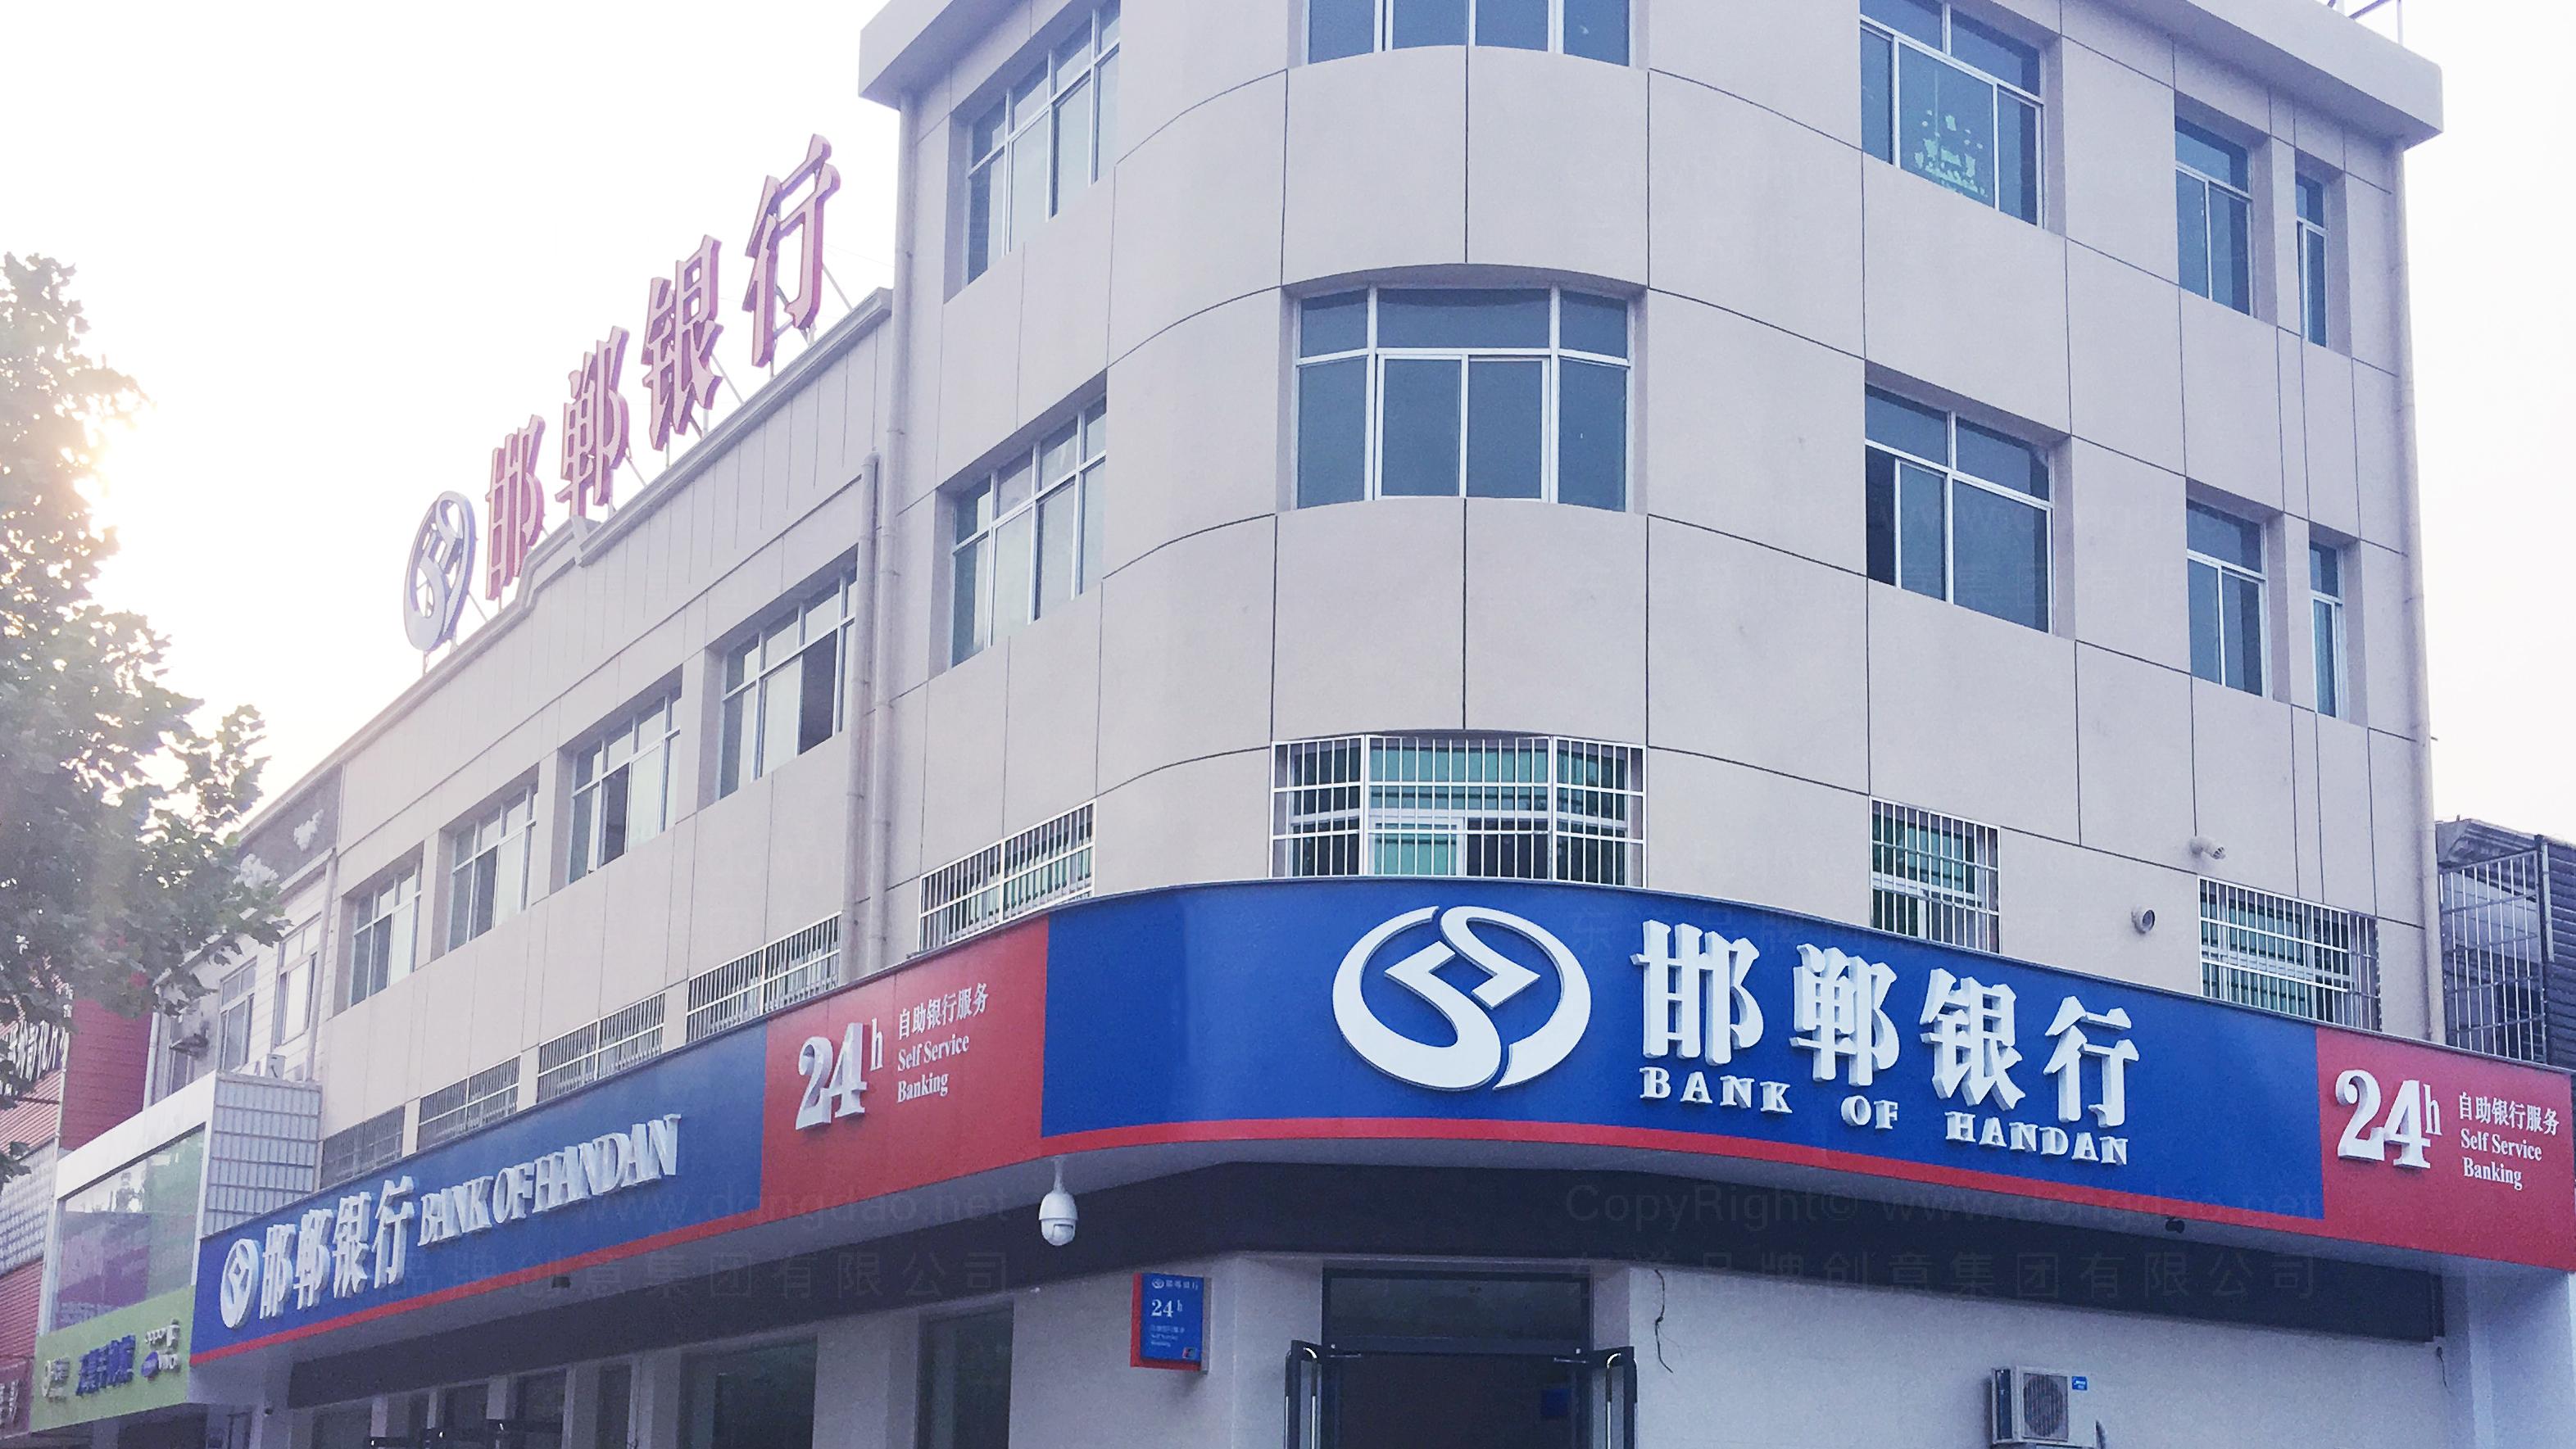 落地工程邯郸银行标识工程应用场景_31